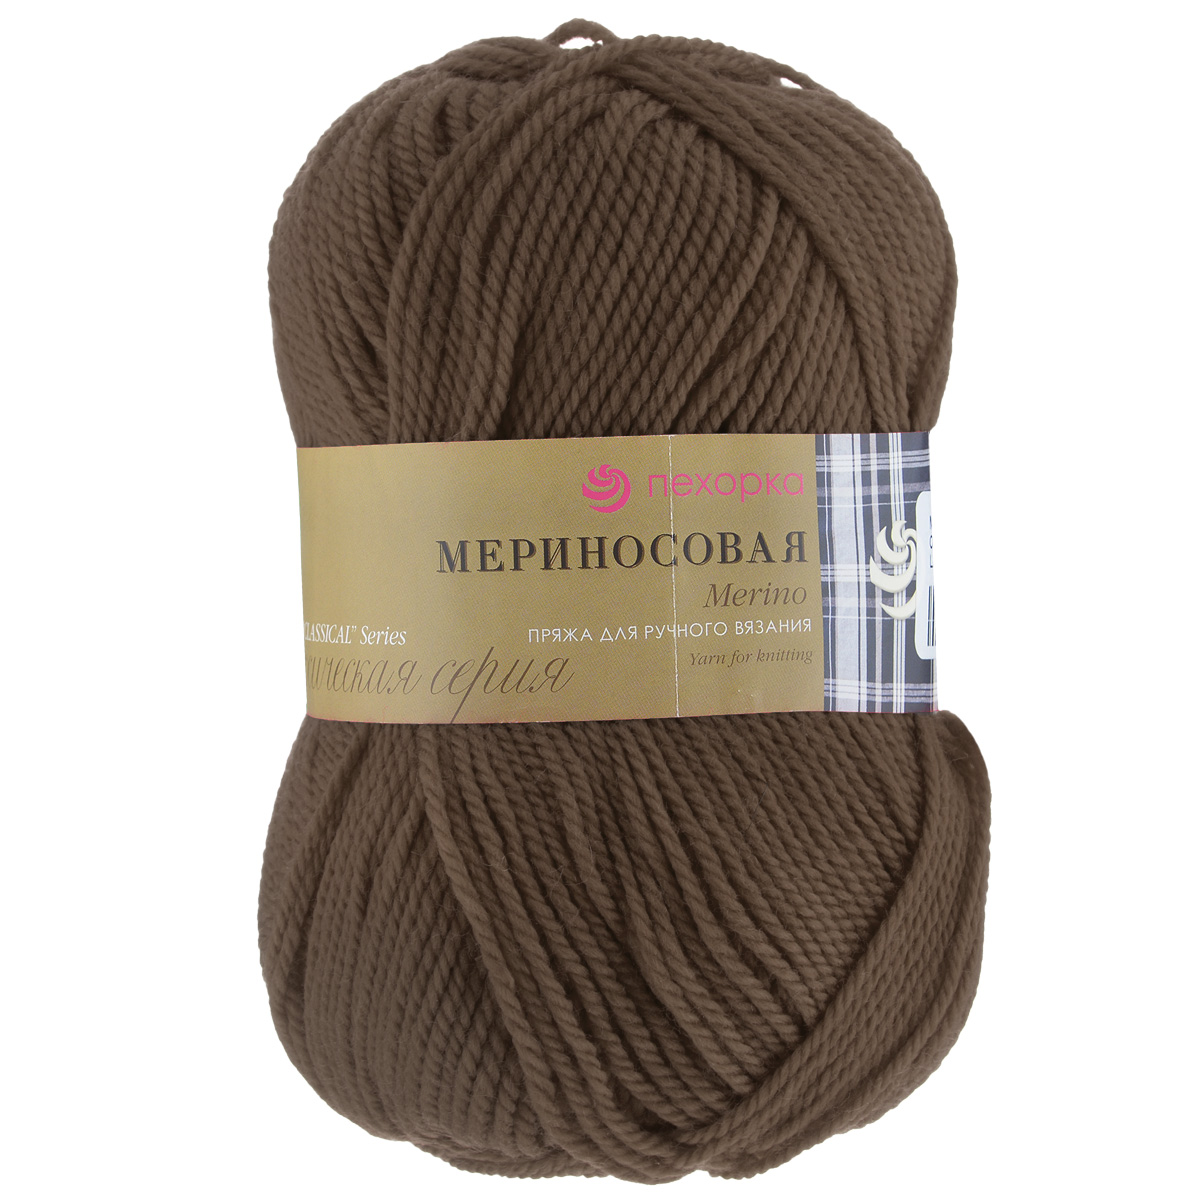 Пряжа для вязания Пехорка Мериносовая, цвет: коричневый (251), 200 м, 100 г, 10 шт пряжа для вязания пехорка мериносовая цвет изумрудный 335 200 м 100 г 10 шт